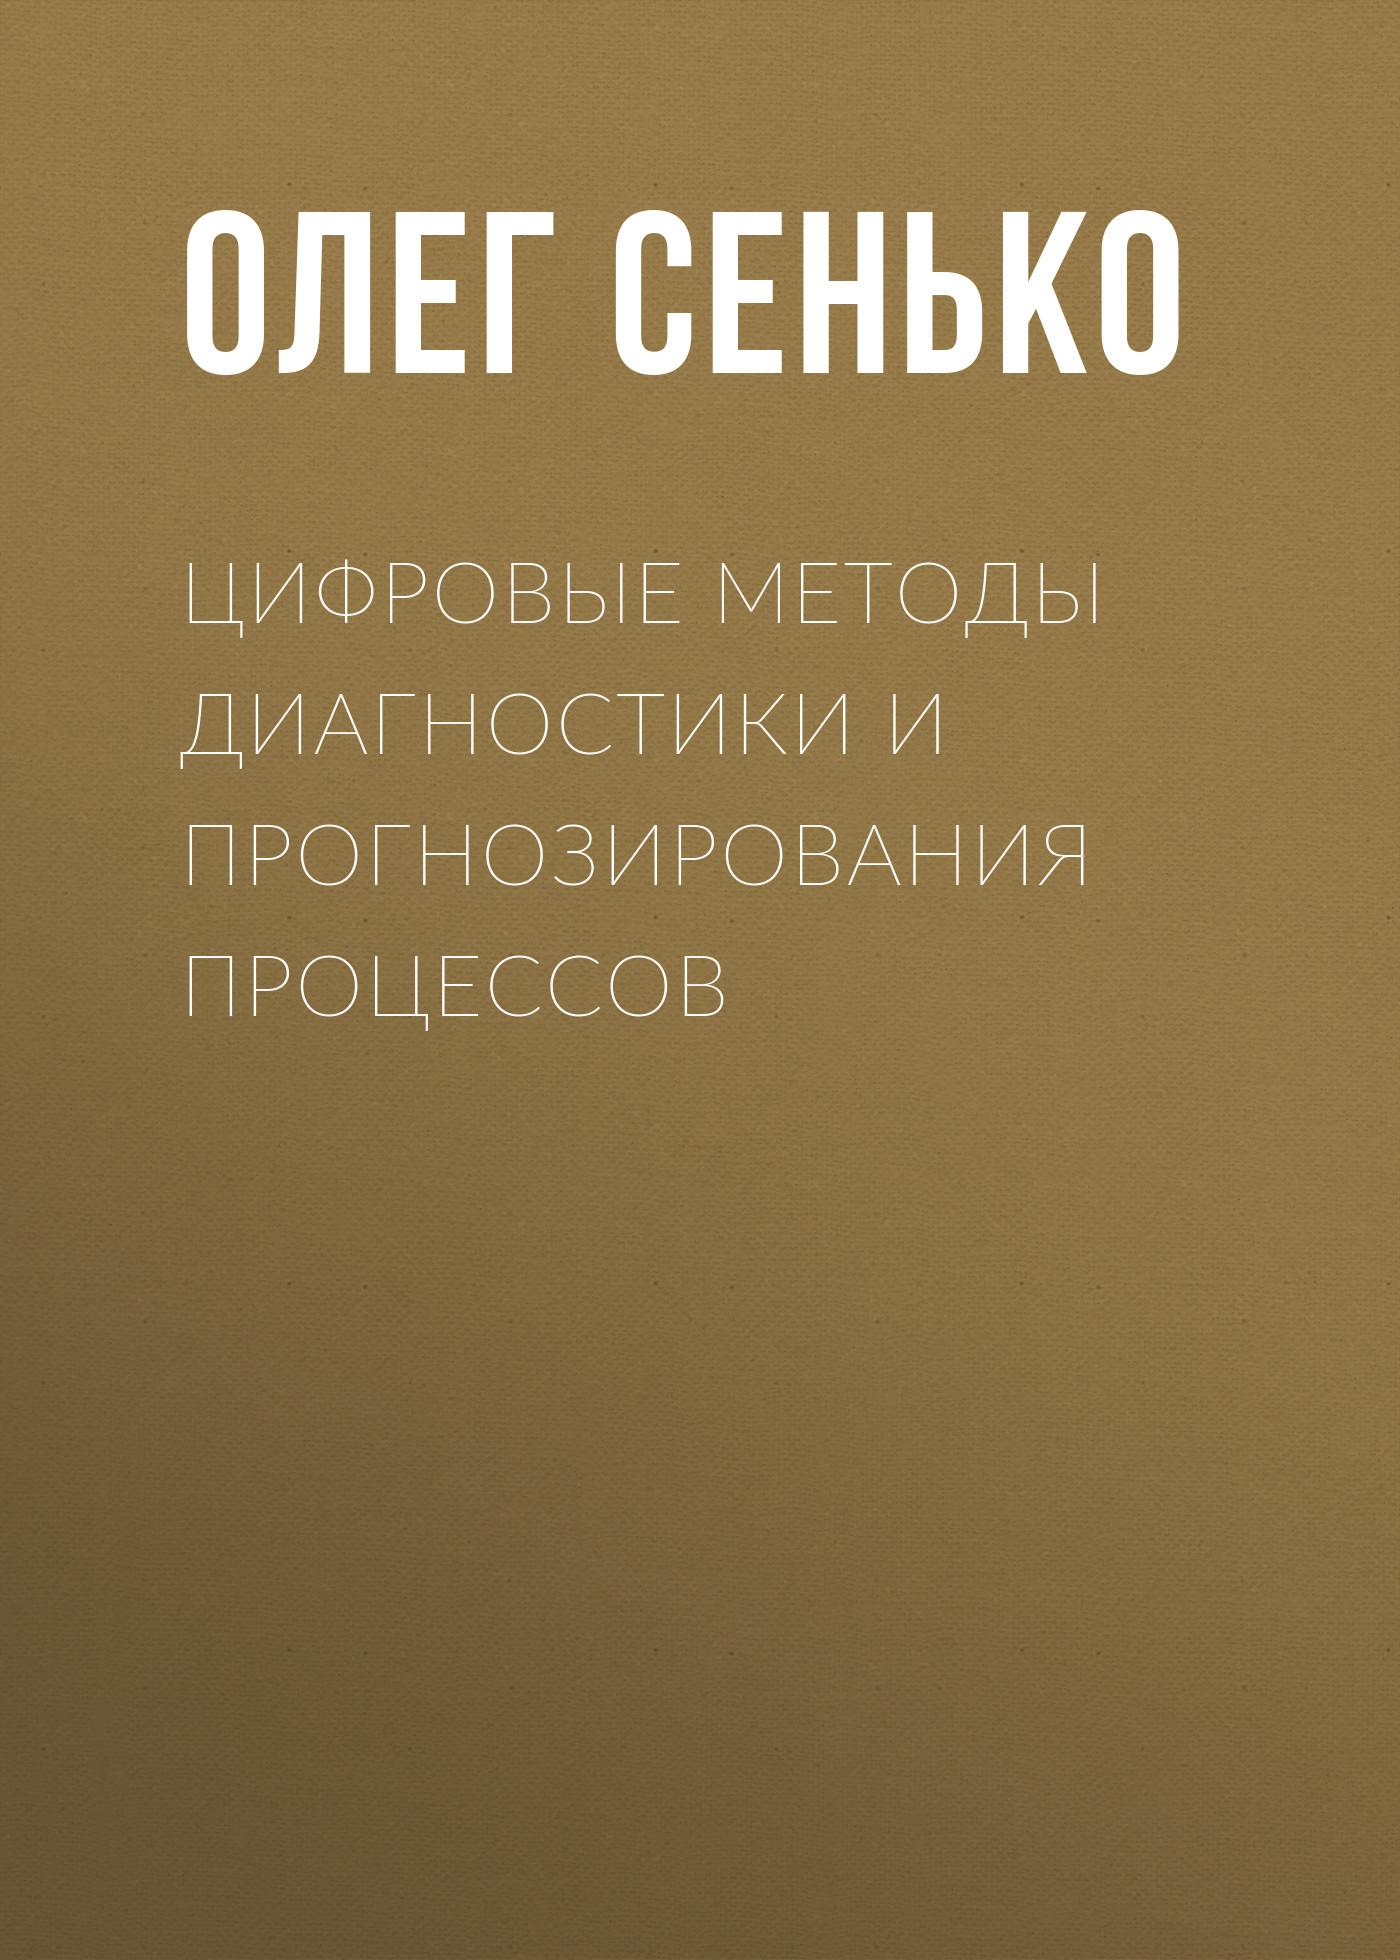 Олег Сенько Цифровые методы диагностики и прогнозирования процессов